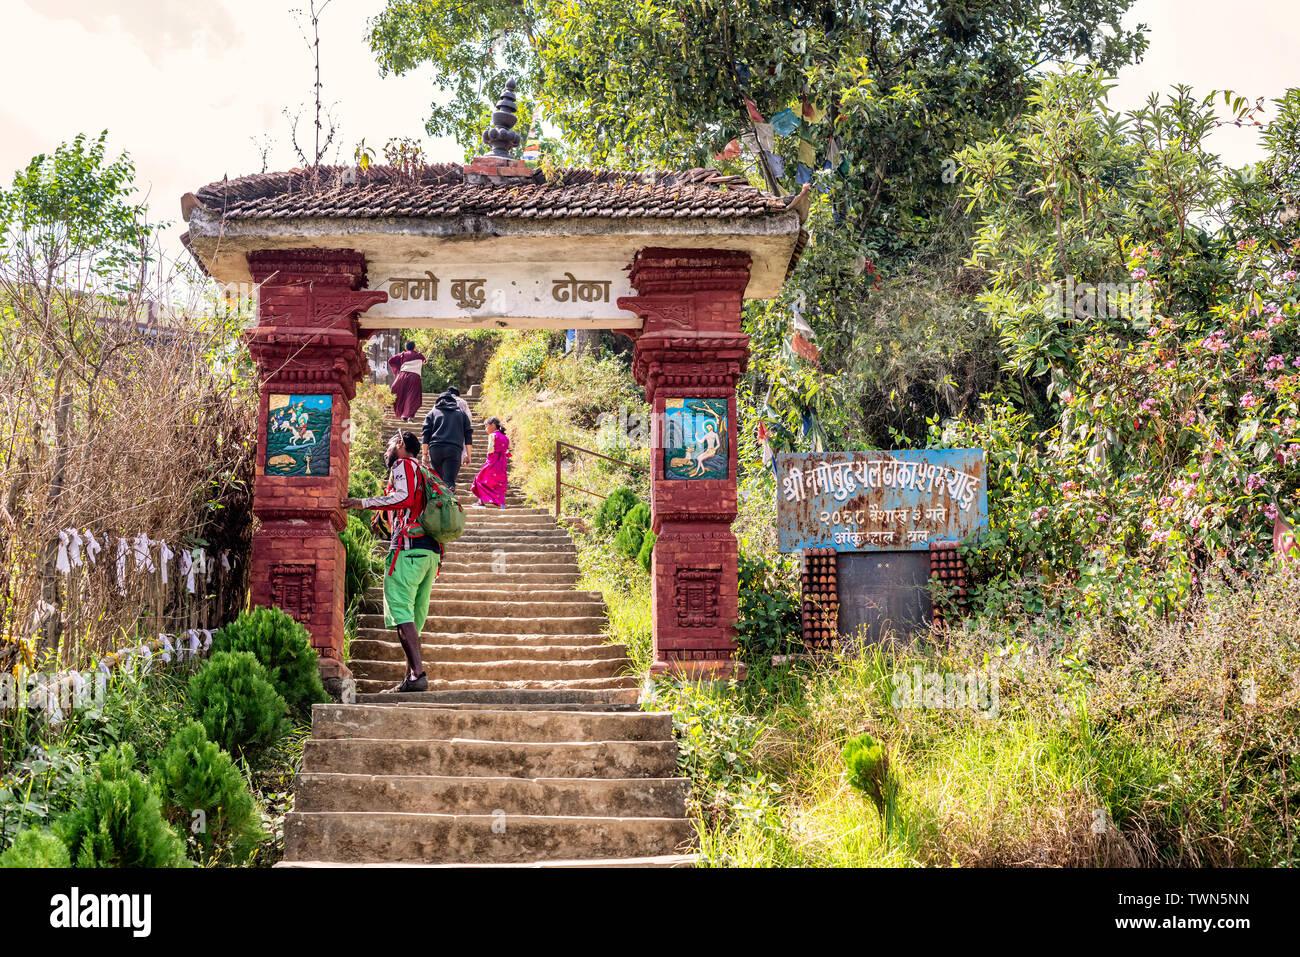 Namo Buddha, Nepal - Oct 19, 2018: Los turistas y oraciones puerta de entrada para el Namo Buddha templo donde el príncipe dio su cuerpo al tigre hambriento, Nepal Imagen De Stock